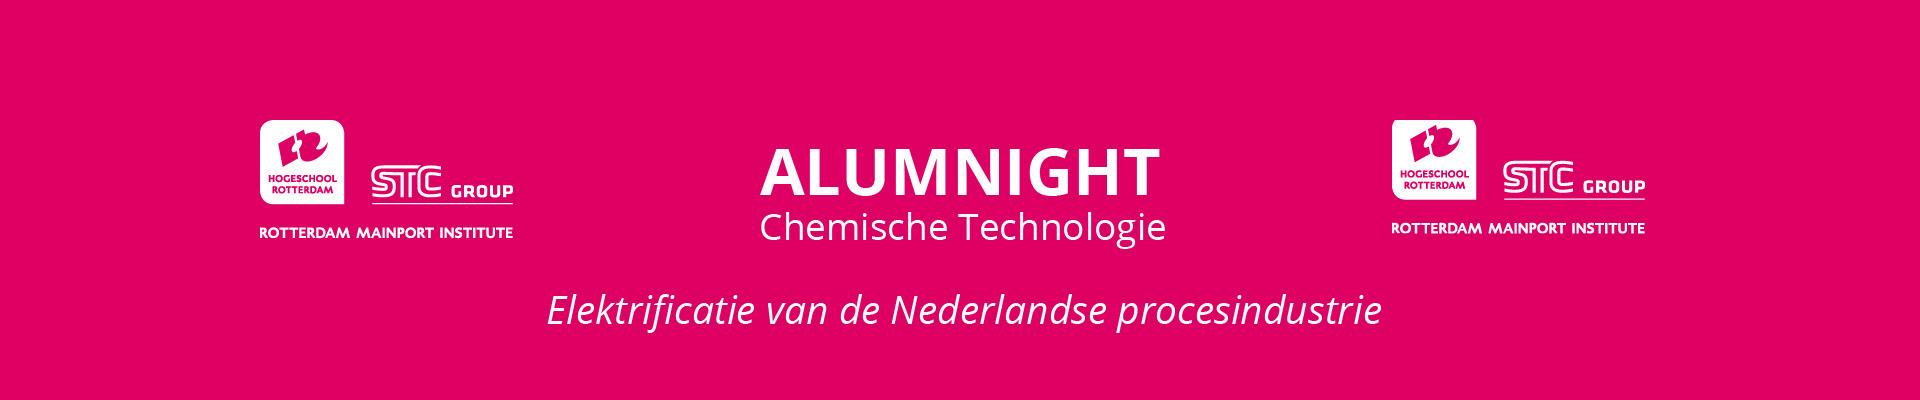 Alumnight Chemische Technologie